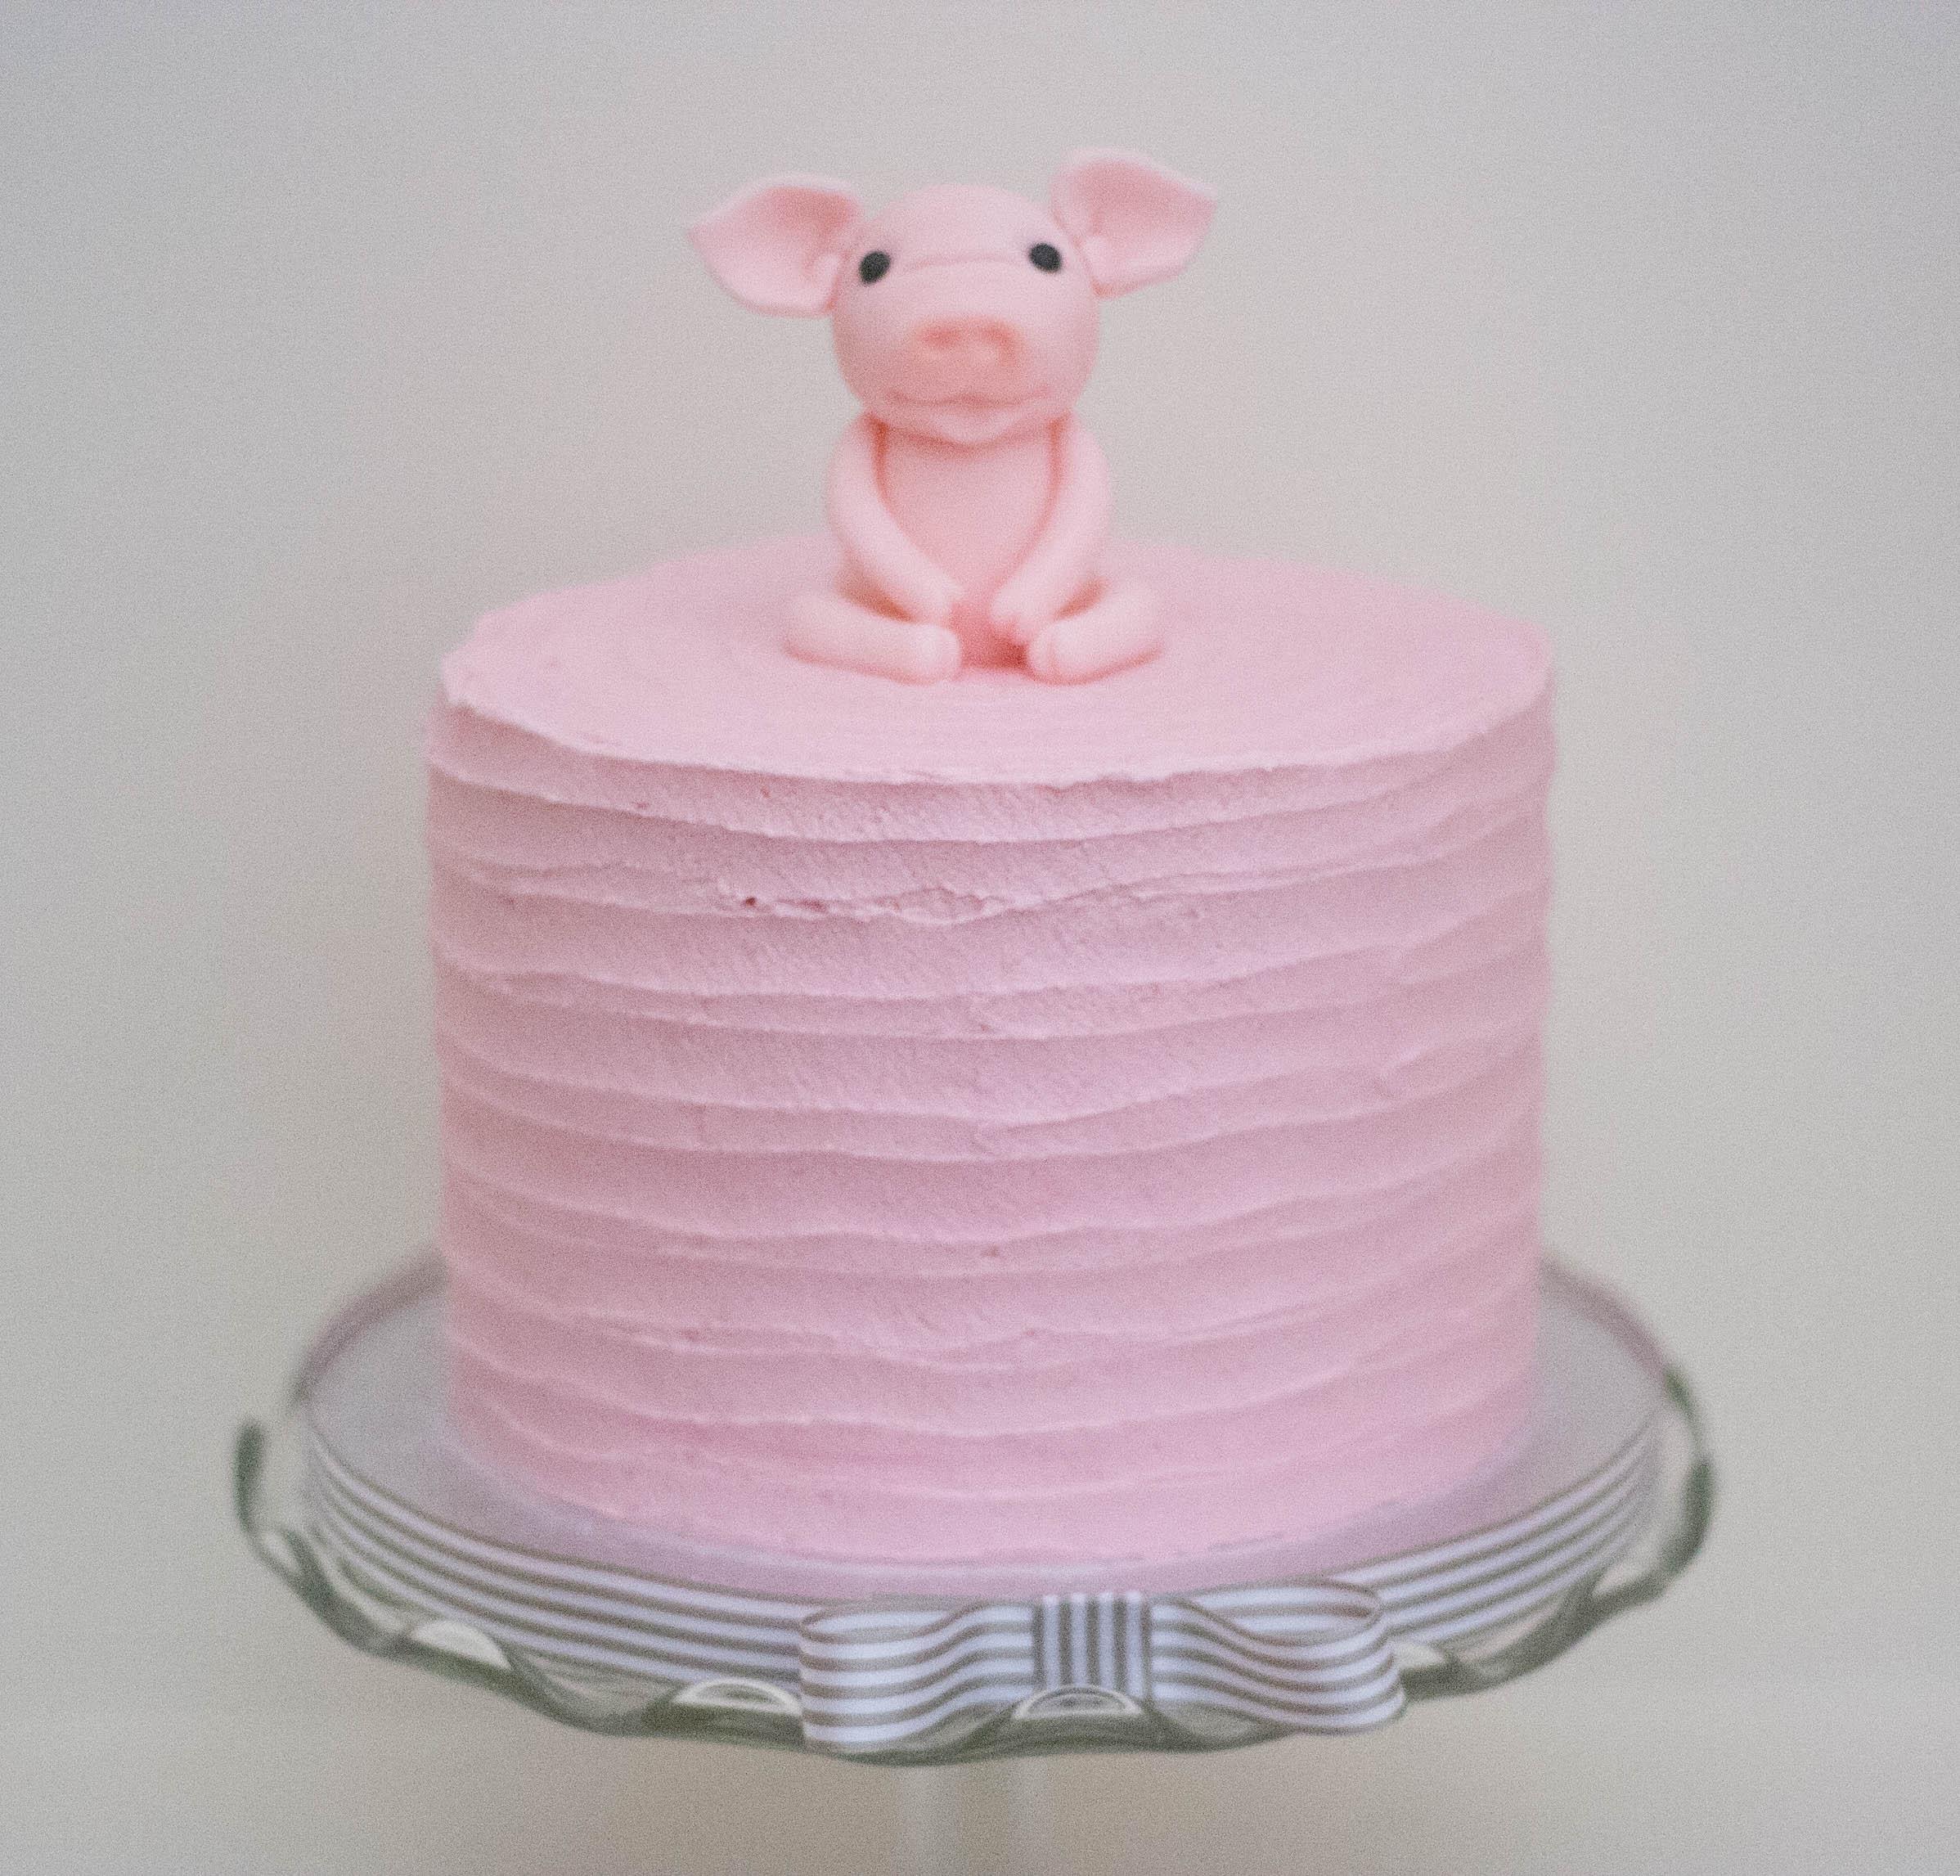 piglet vegan cake